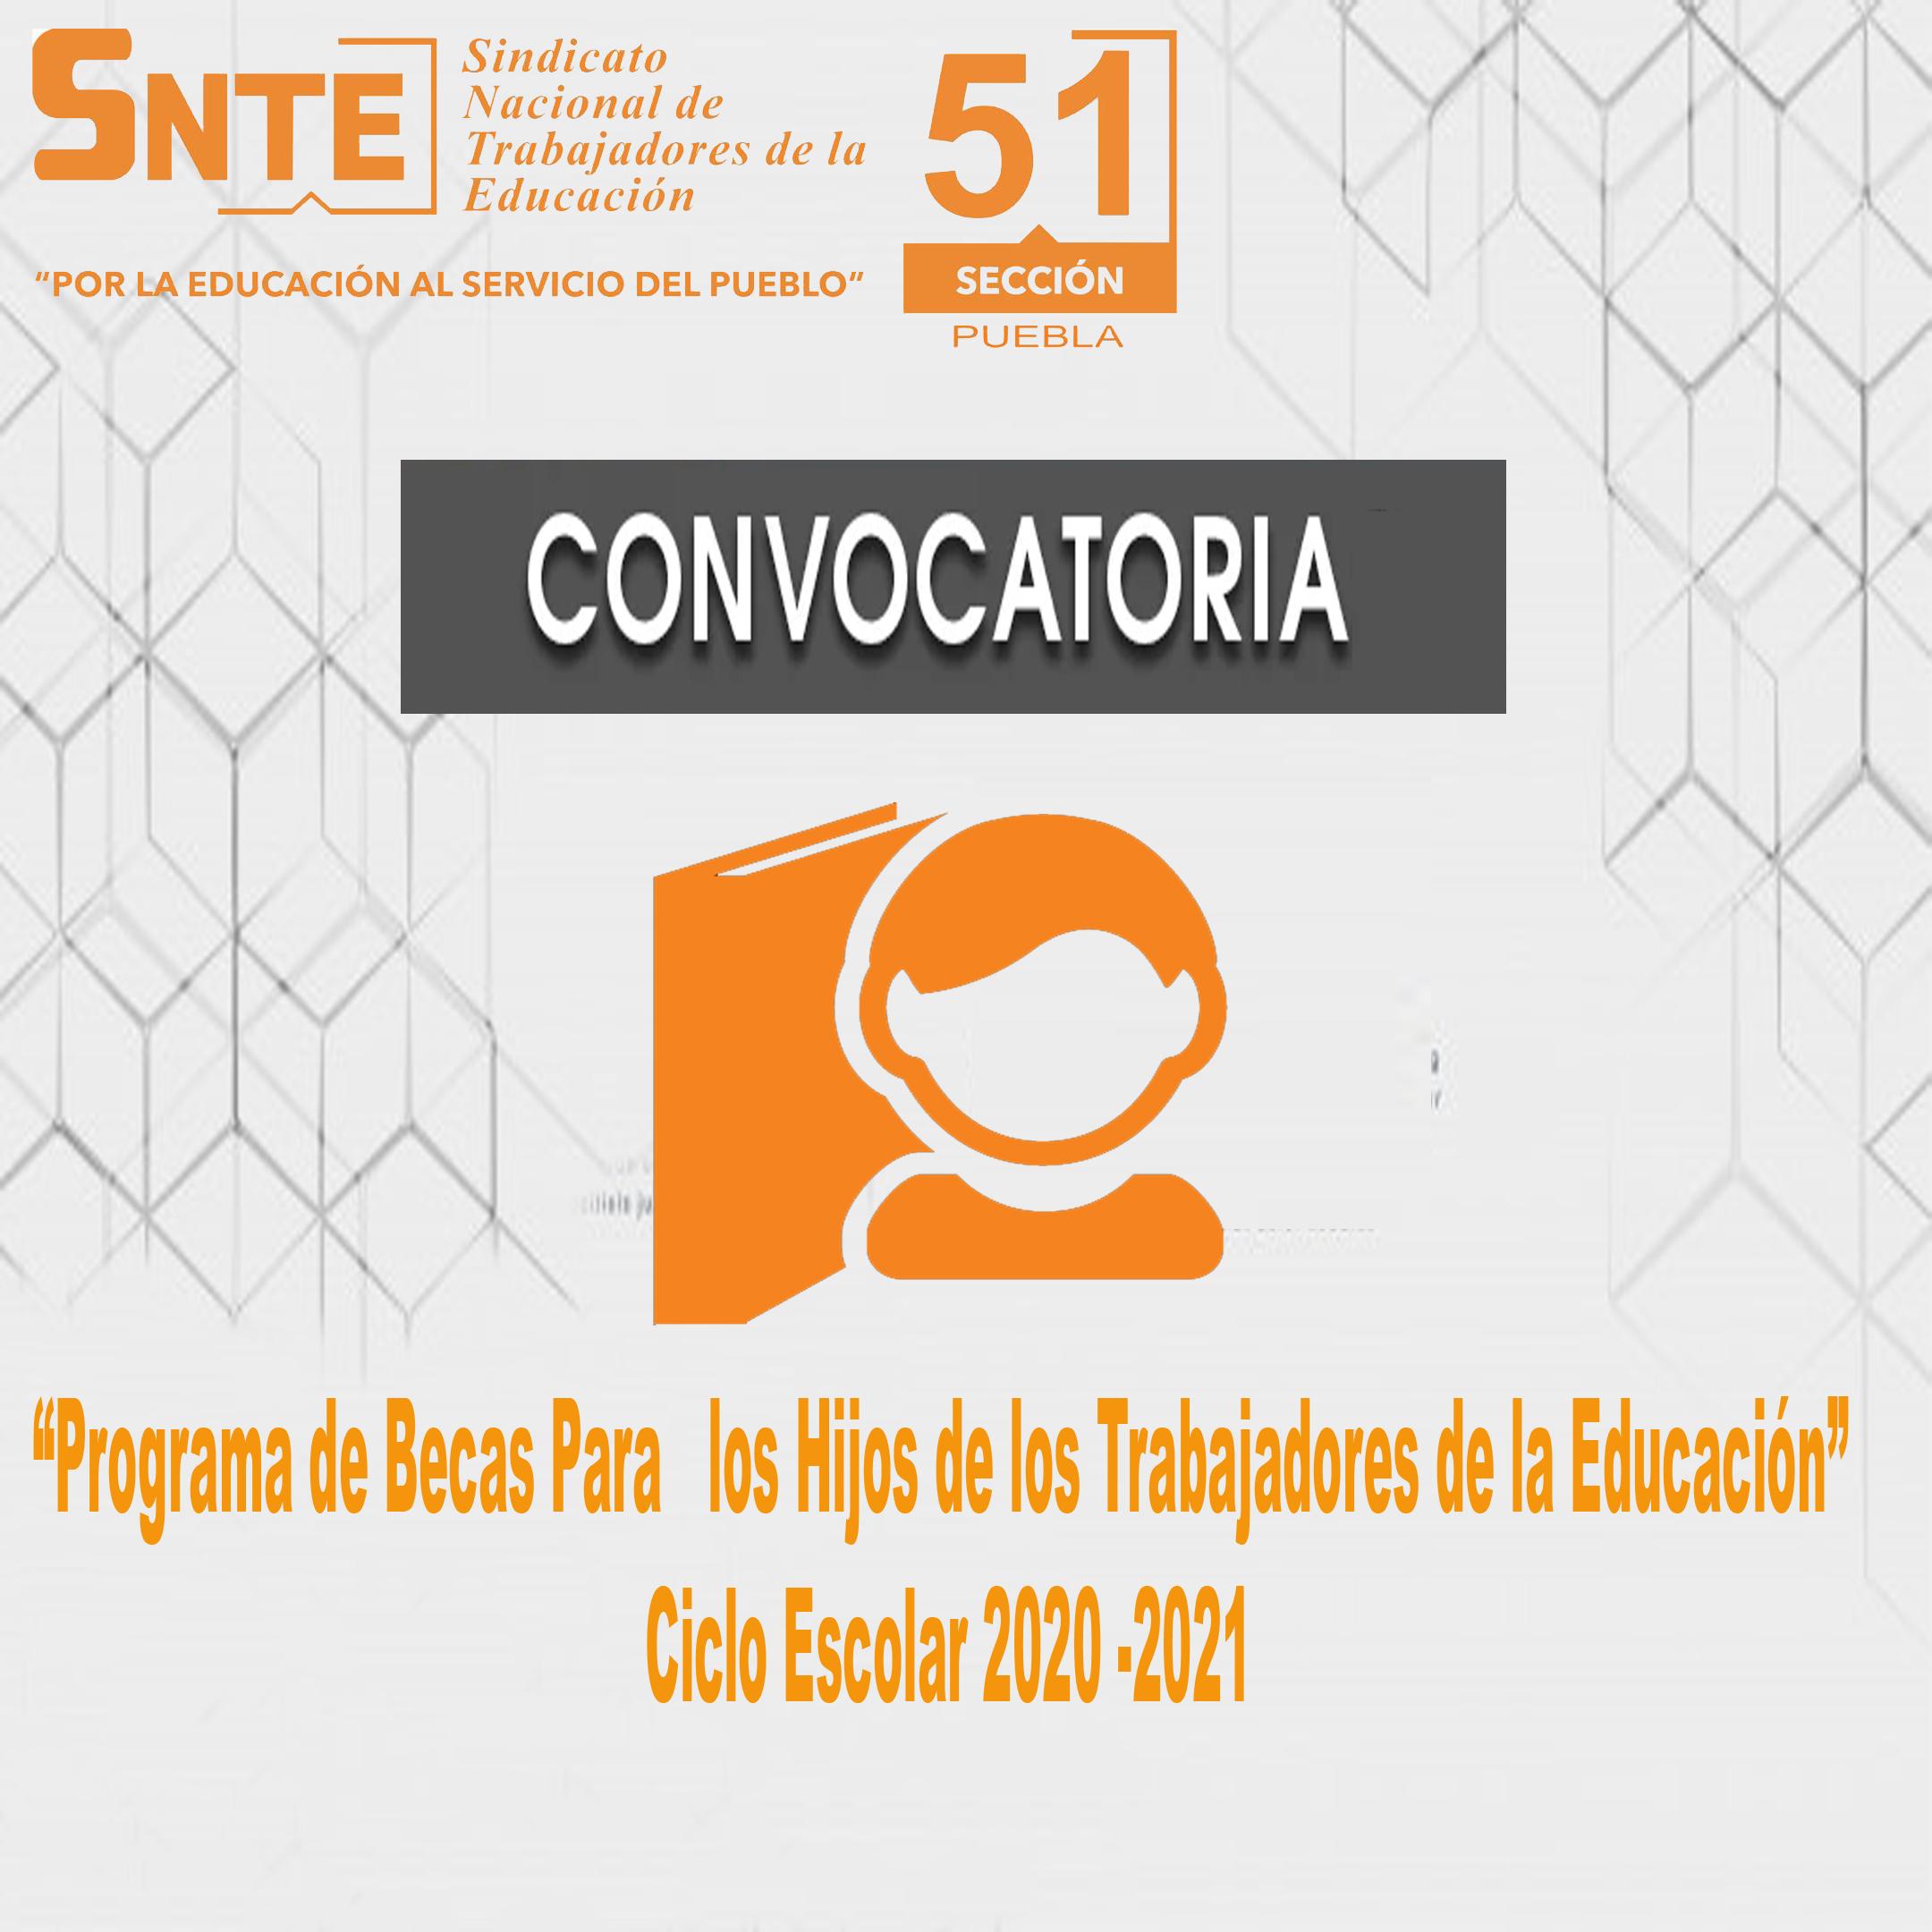 Programa de Becas Para los Hijos de los Trabajadores de la Educación, Ciclo Escolar 2020-2021